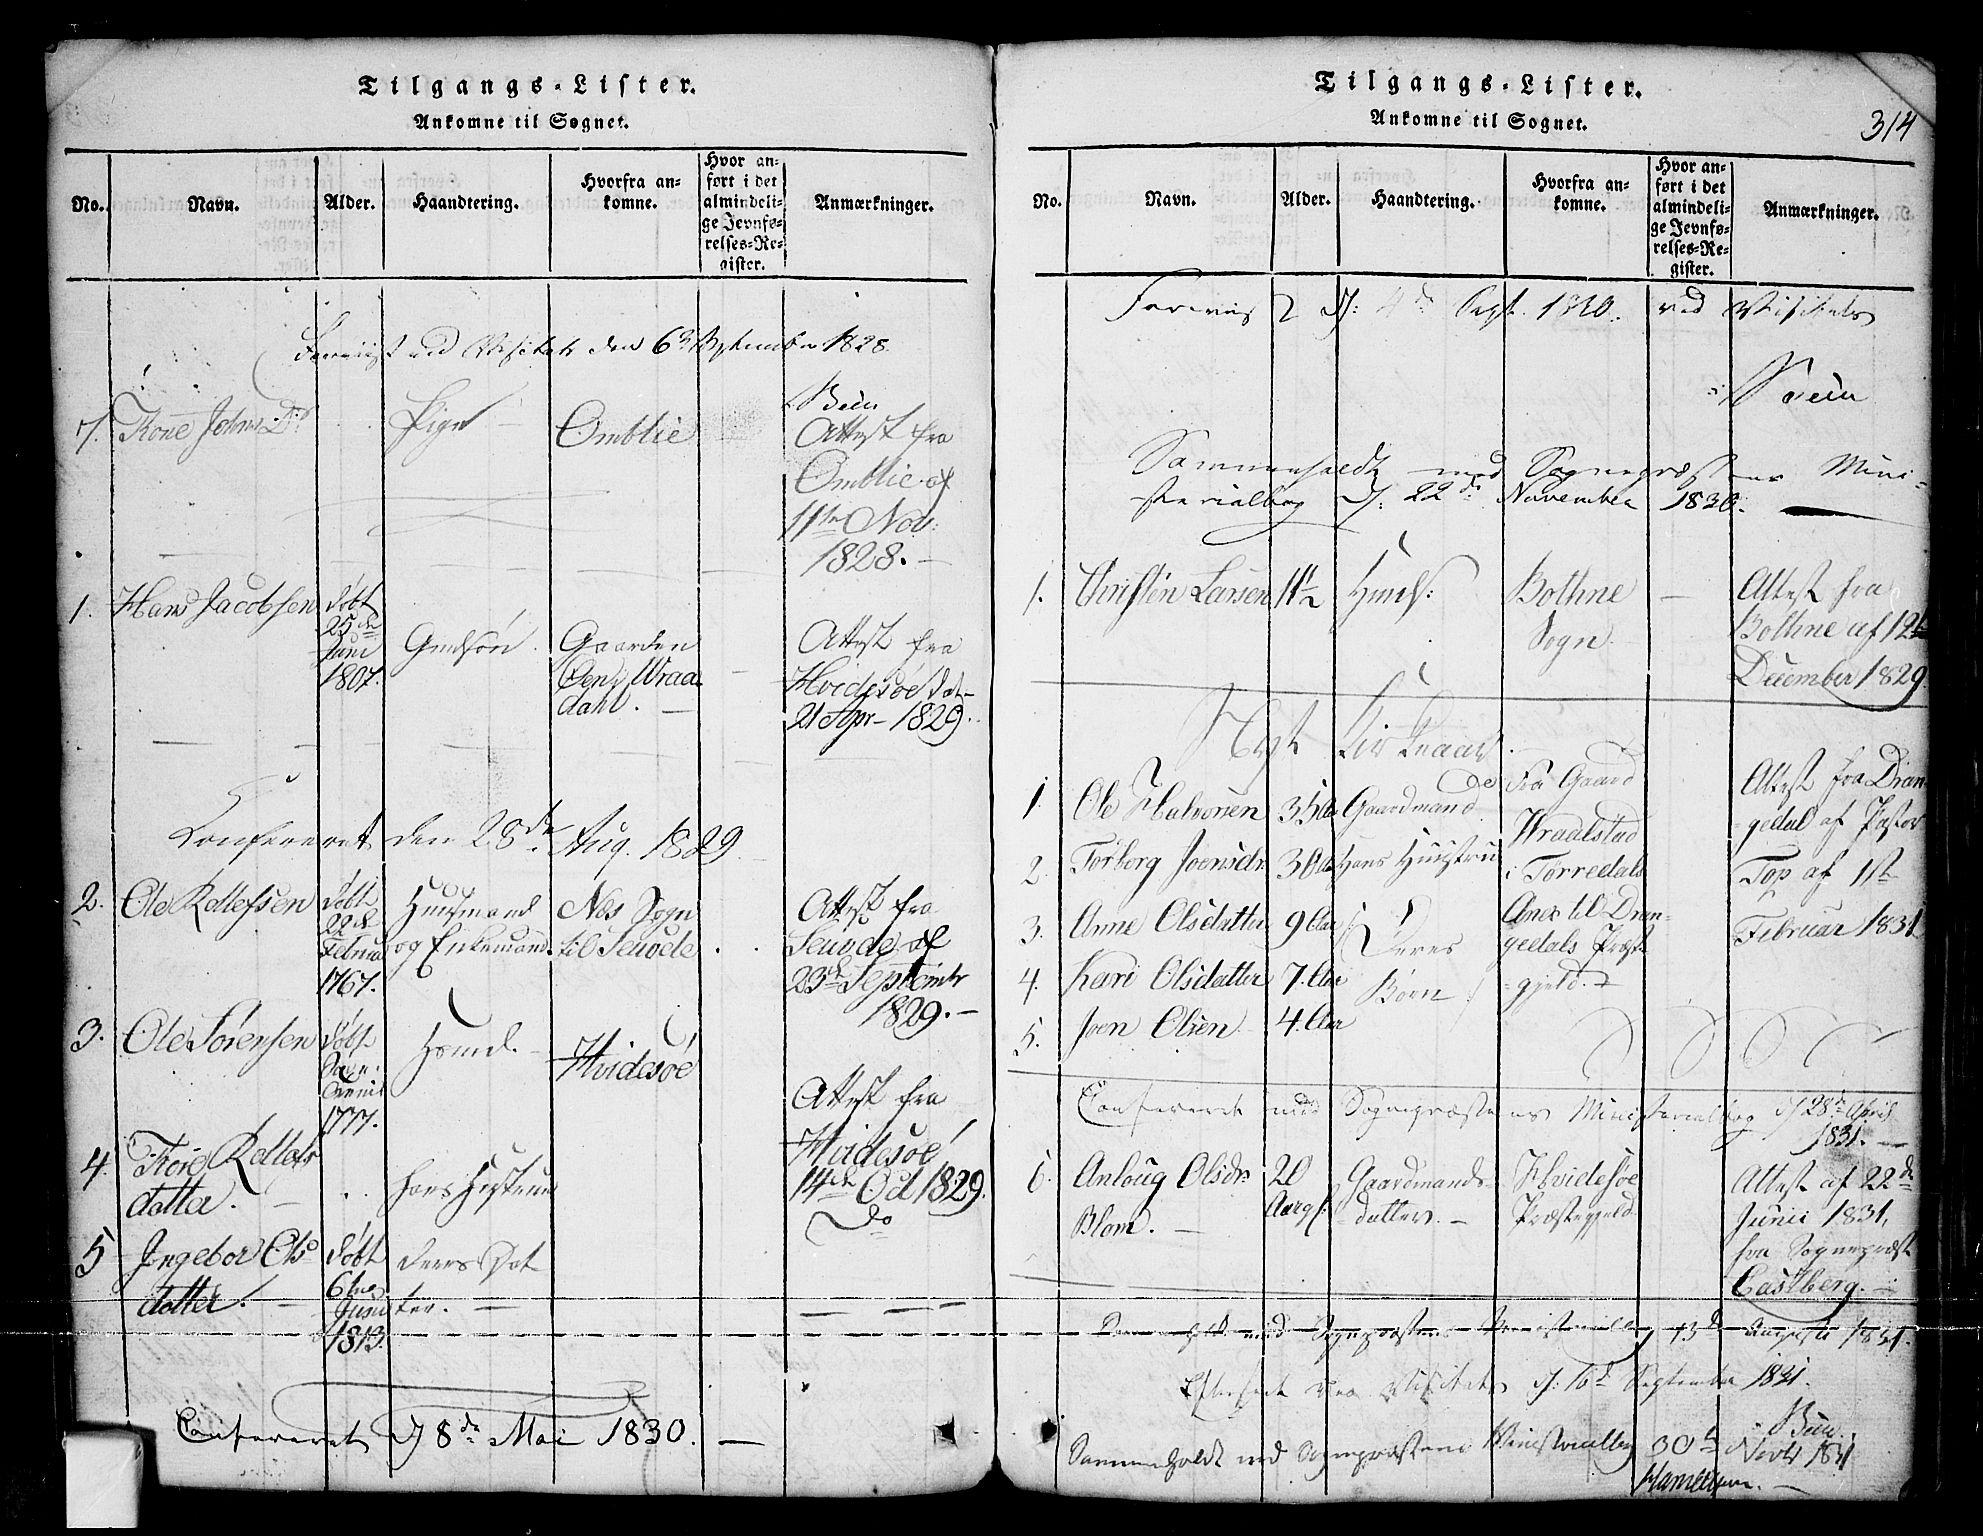 SAKO, Nissedal kirkebøker, G/Ga/L0001: Klokkerbok nr. I 1, 1814-1860, s. 314